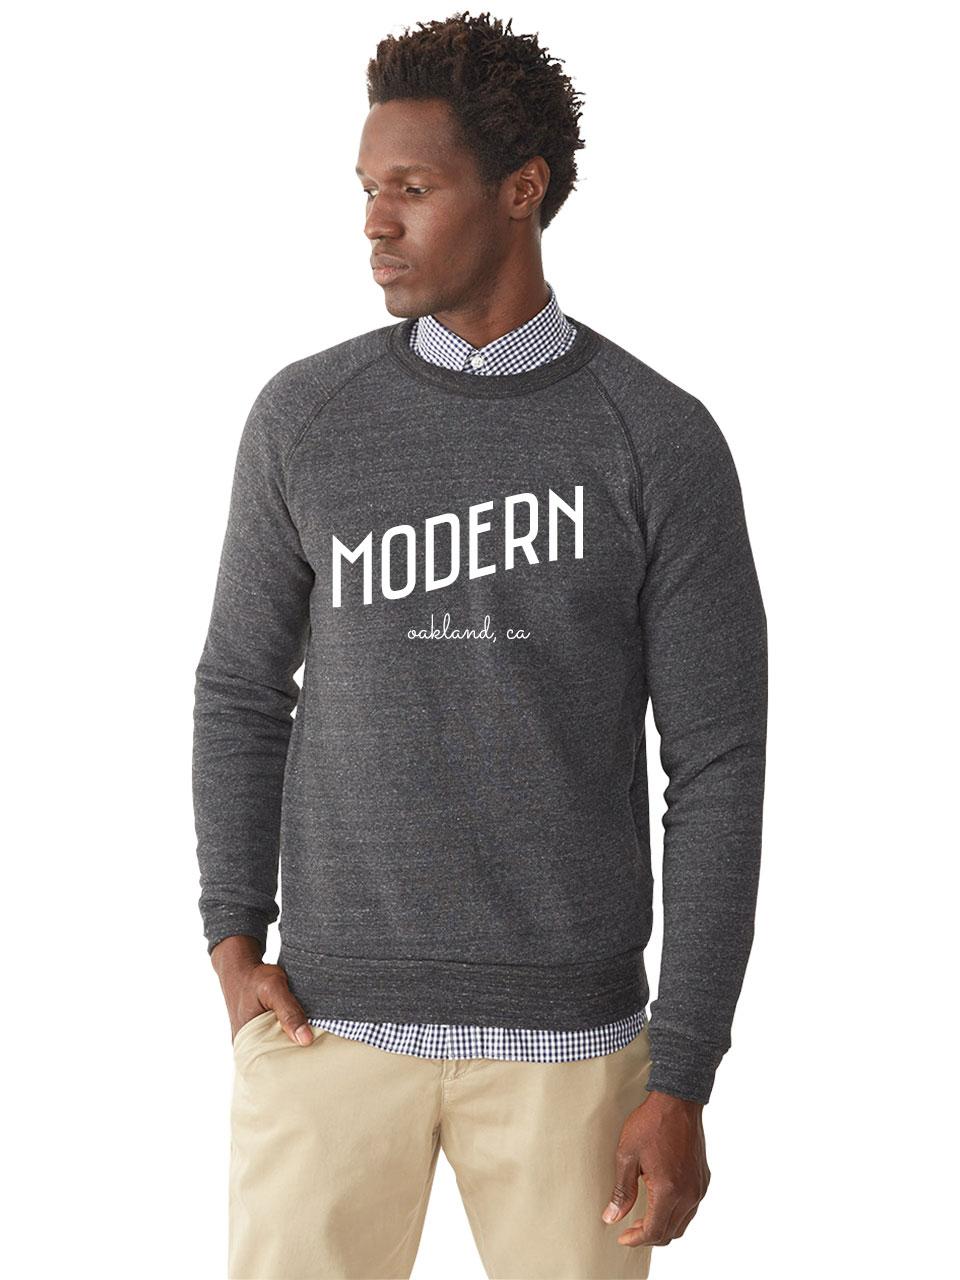 sweatshirt_mockup-R3-B-White